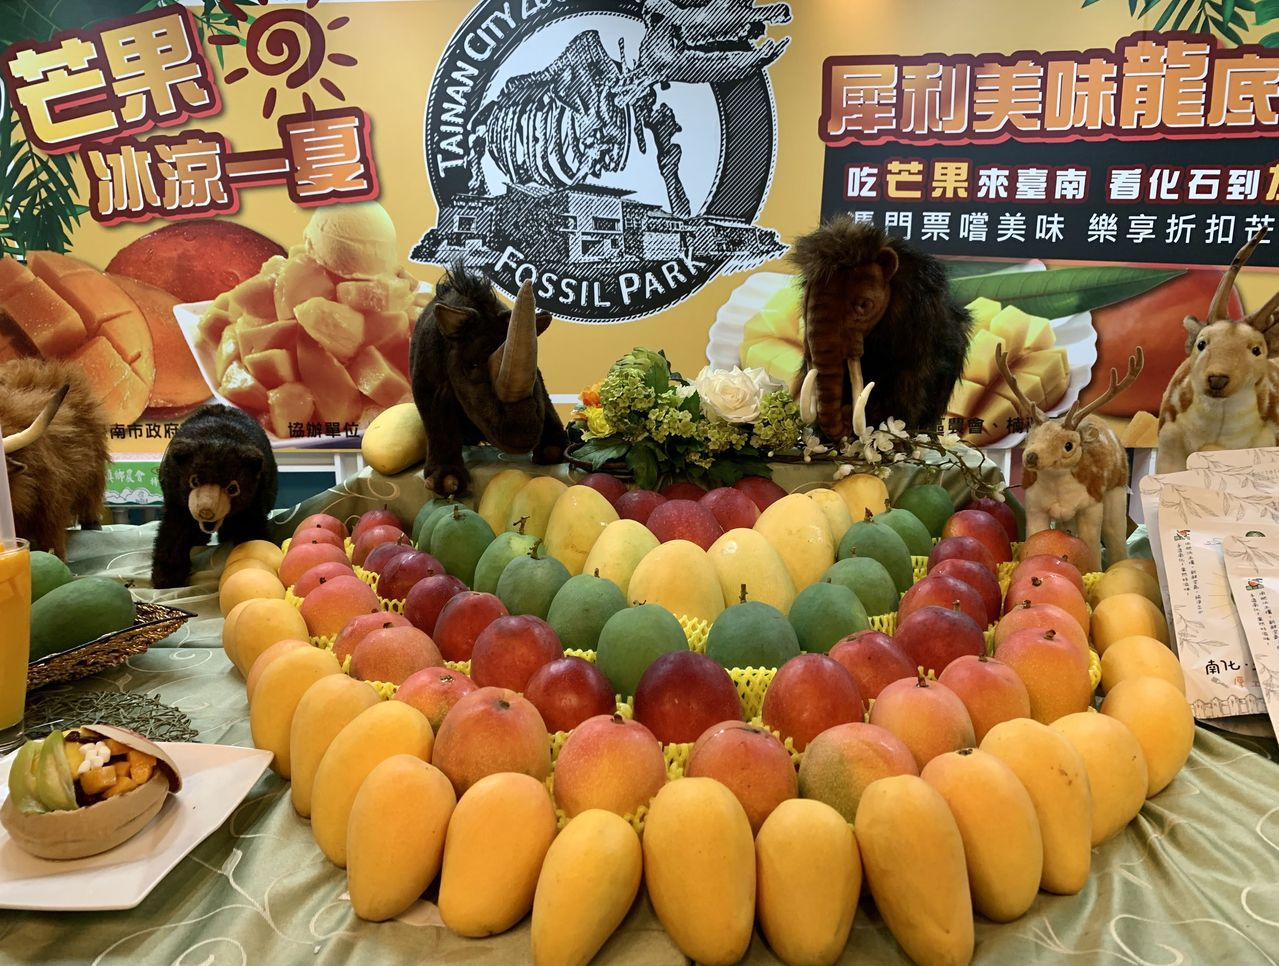 夏天進入芒果產季,各式紅黃芒果香甜誘人。 圖/吳淑玲 攝影